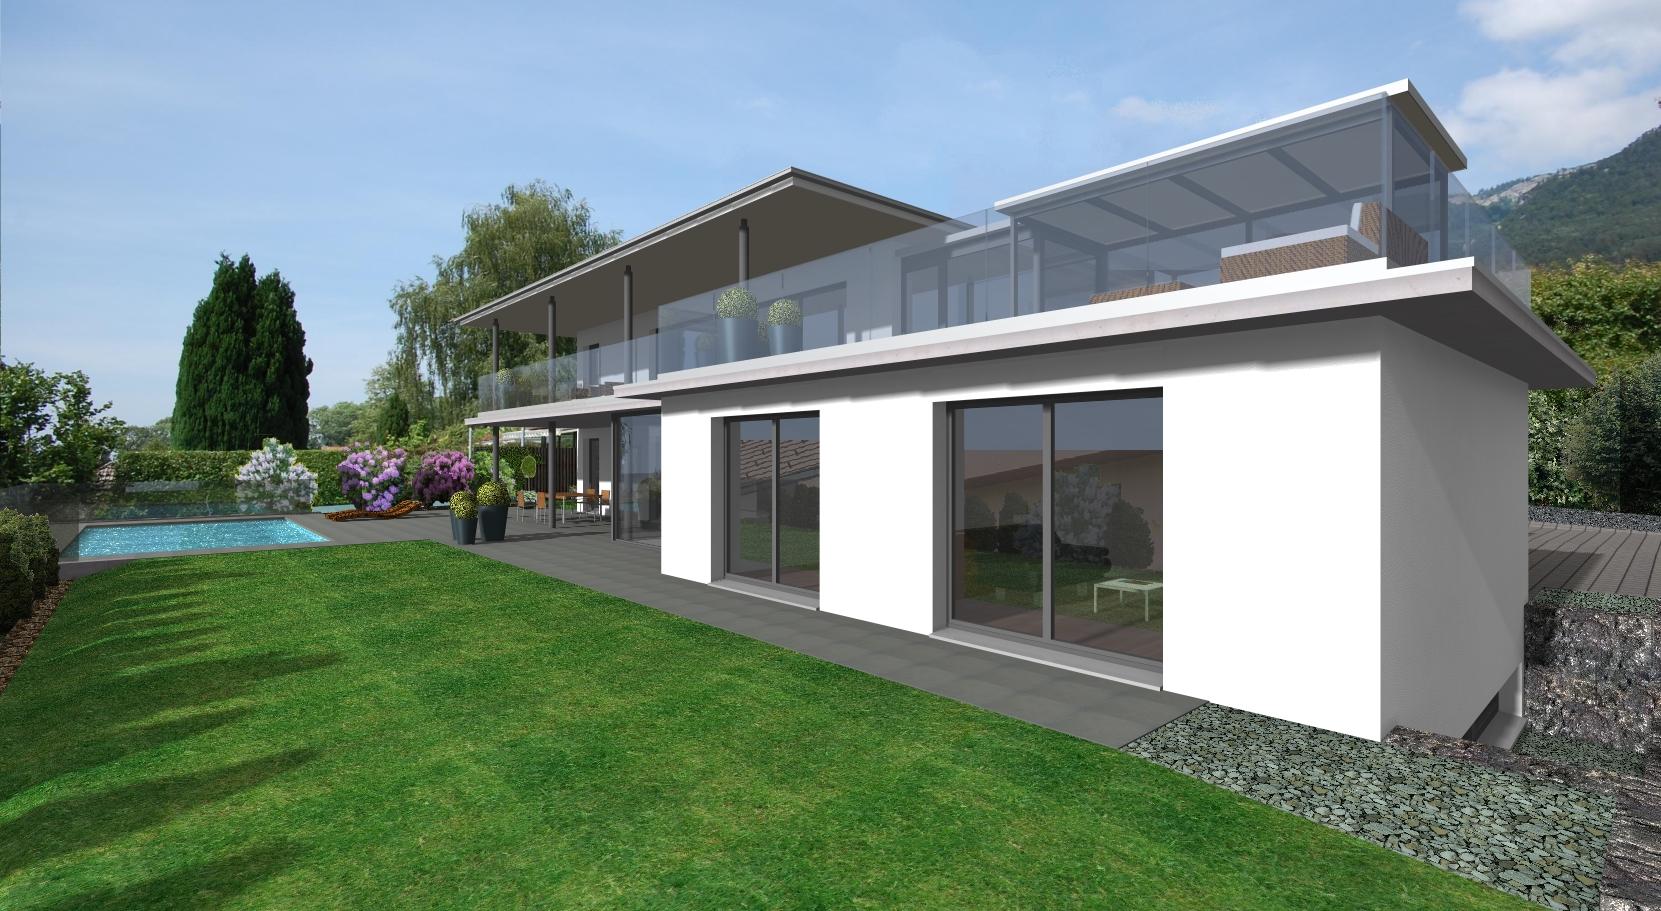 einfamilienhaus h nselsmatt bettlach architektur und